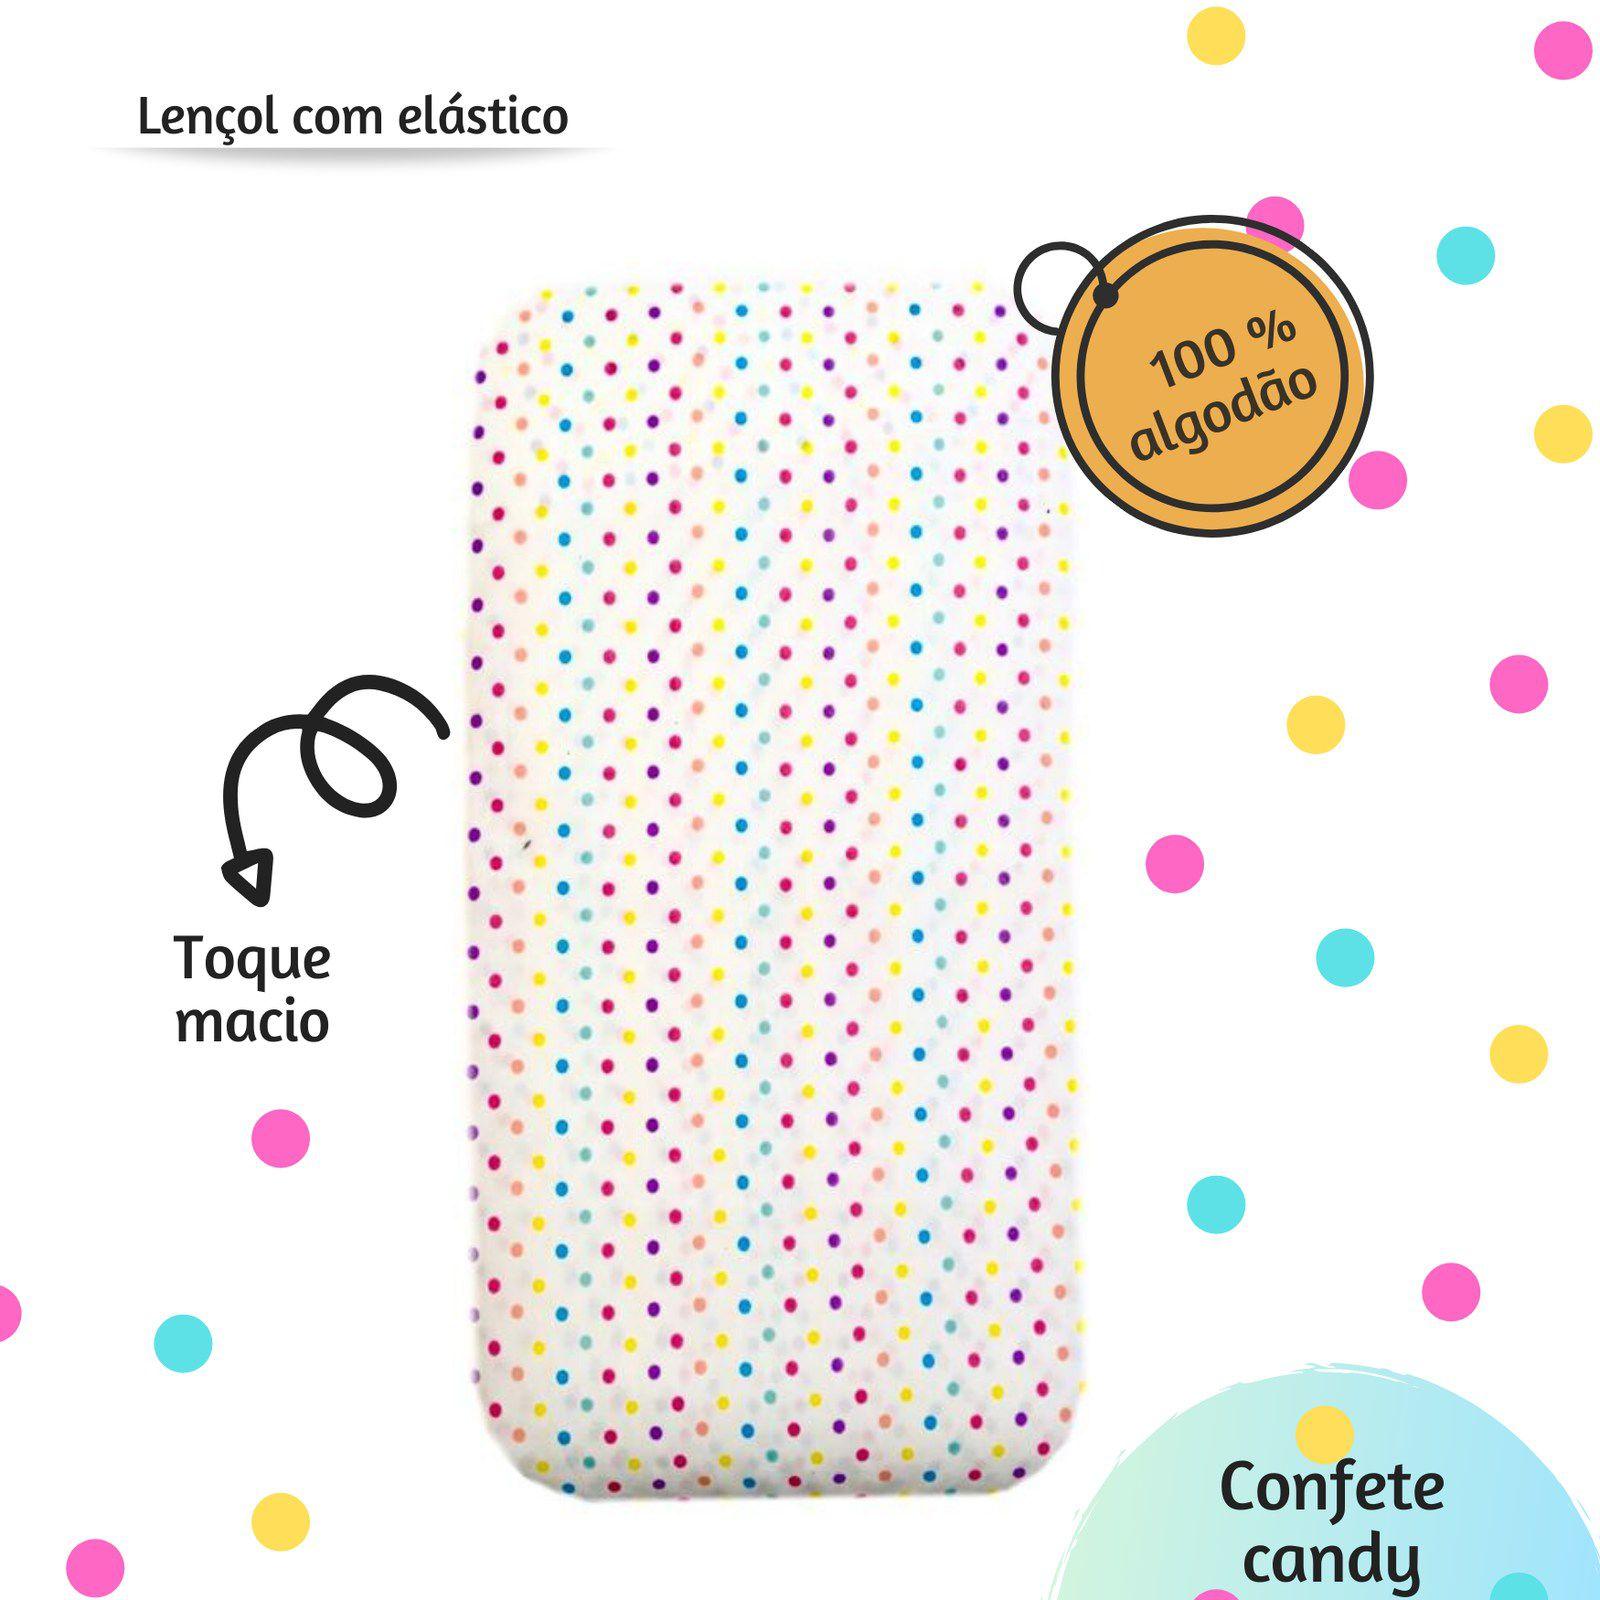 Lençol com elástico mini cama 70 x 150 cm  Confete candy